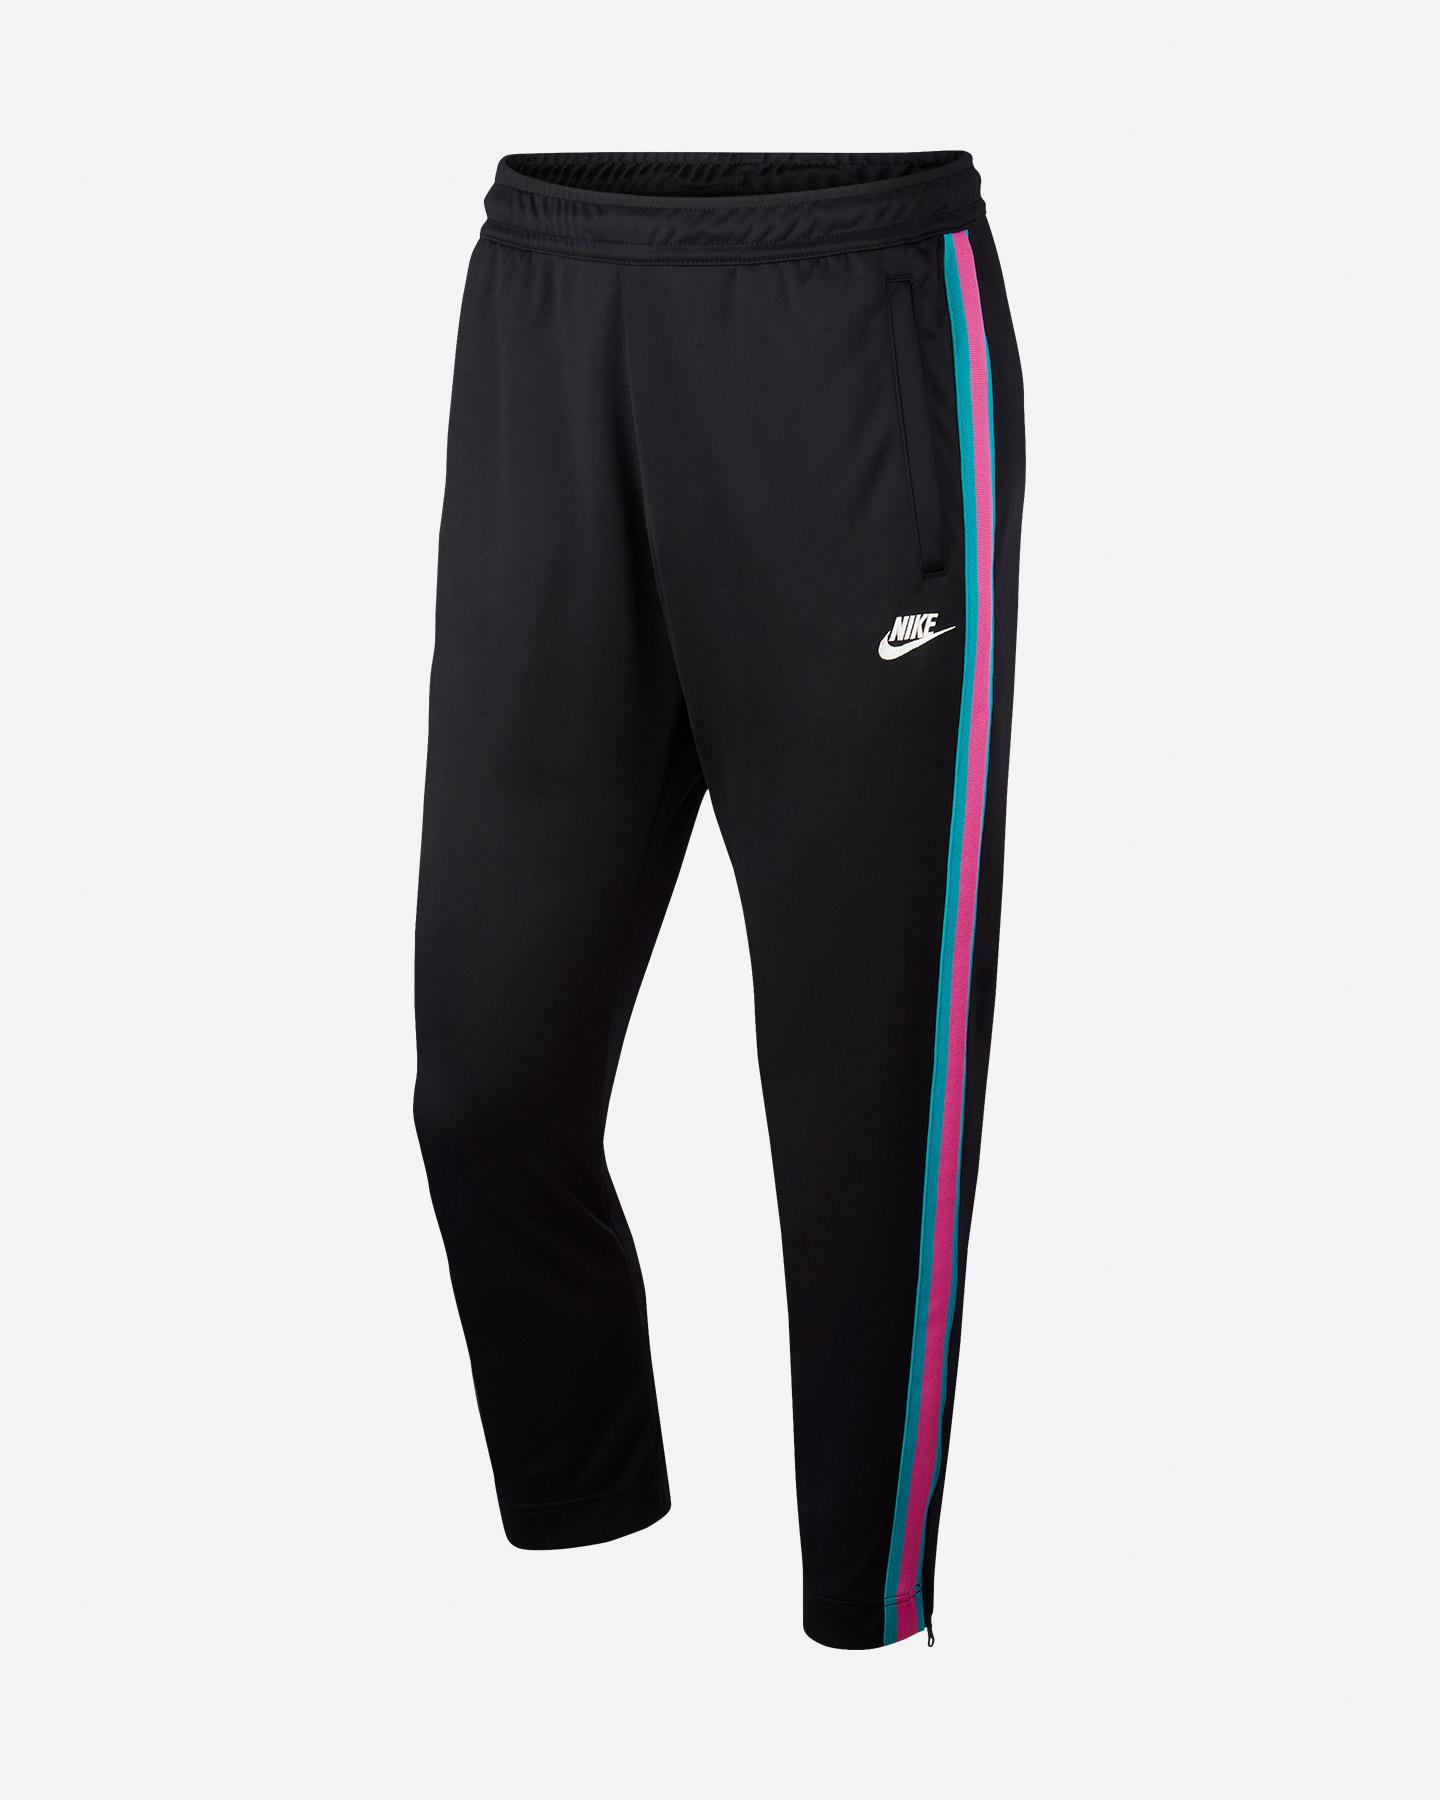 Nike Pantaloni da Donna in Pile con Orlo Aperto, Colore